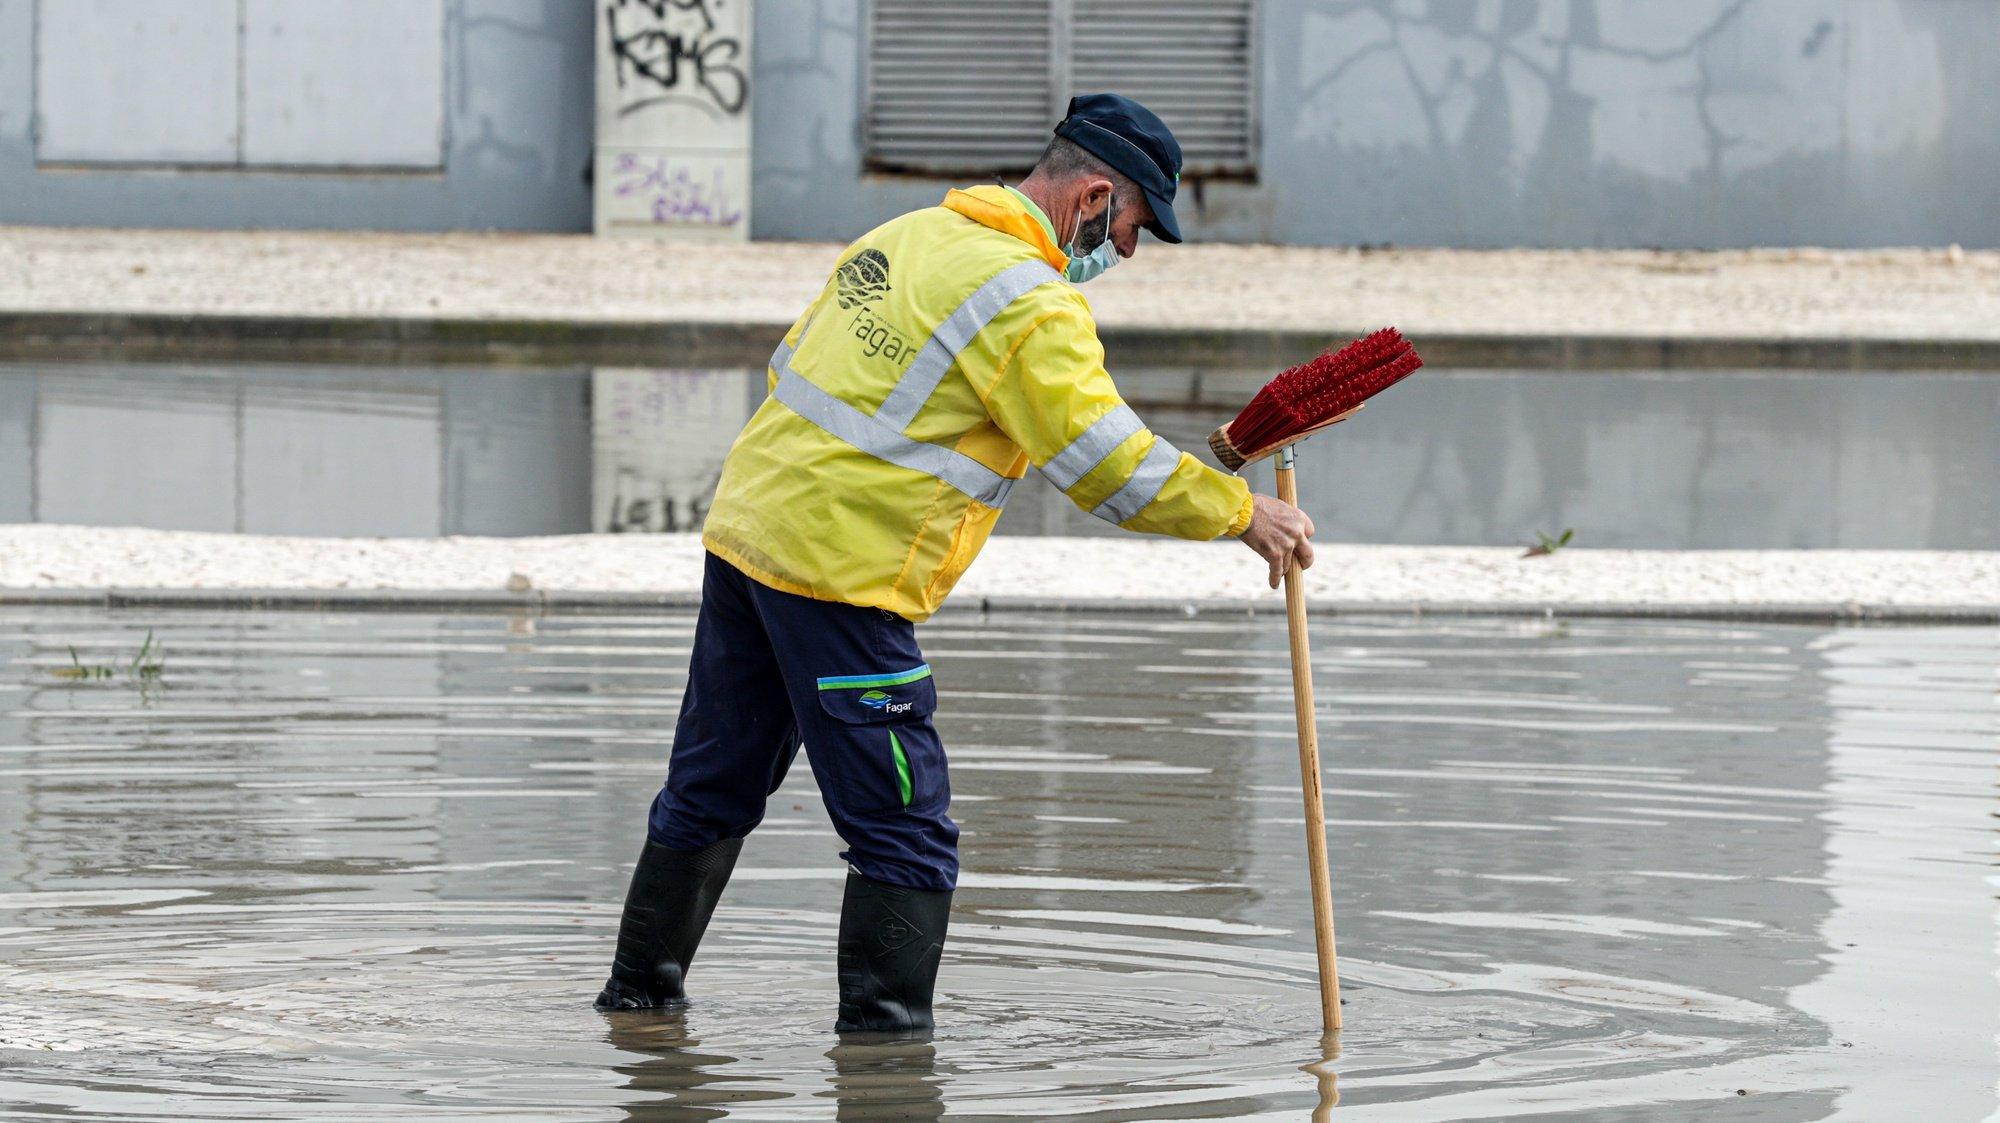 Um funcionário camarário ajuda na limpeza das ruas inundadas devido à chuva forte que caiu esta manhã no Algarve, em Faro, 05 de fevereiro de 2021. LUÍS FORRA/LUSA